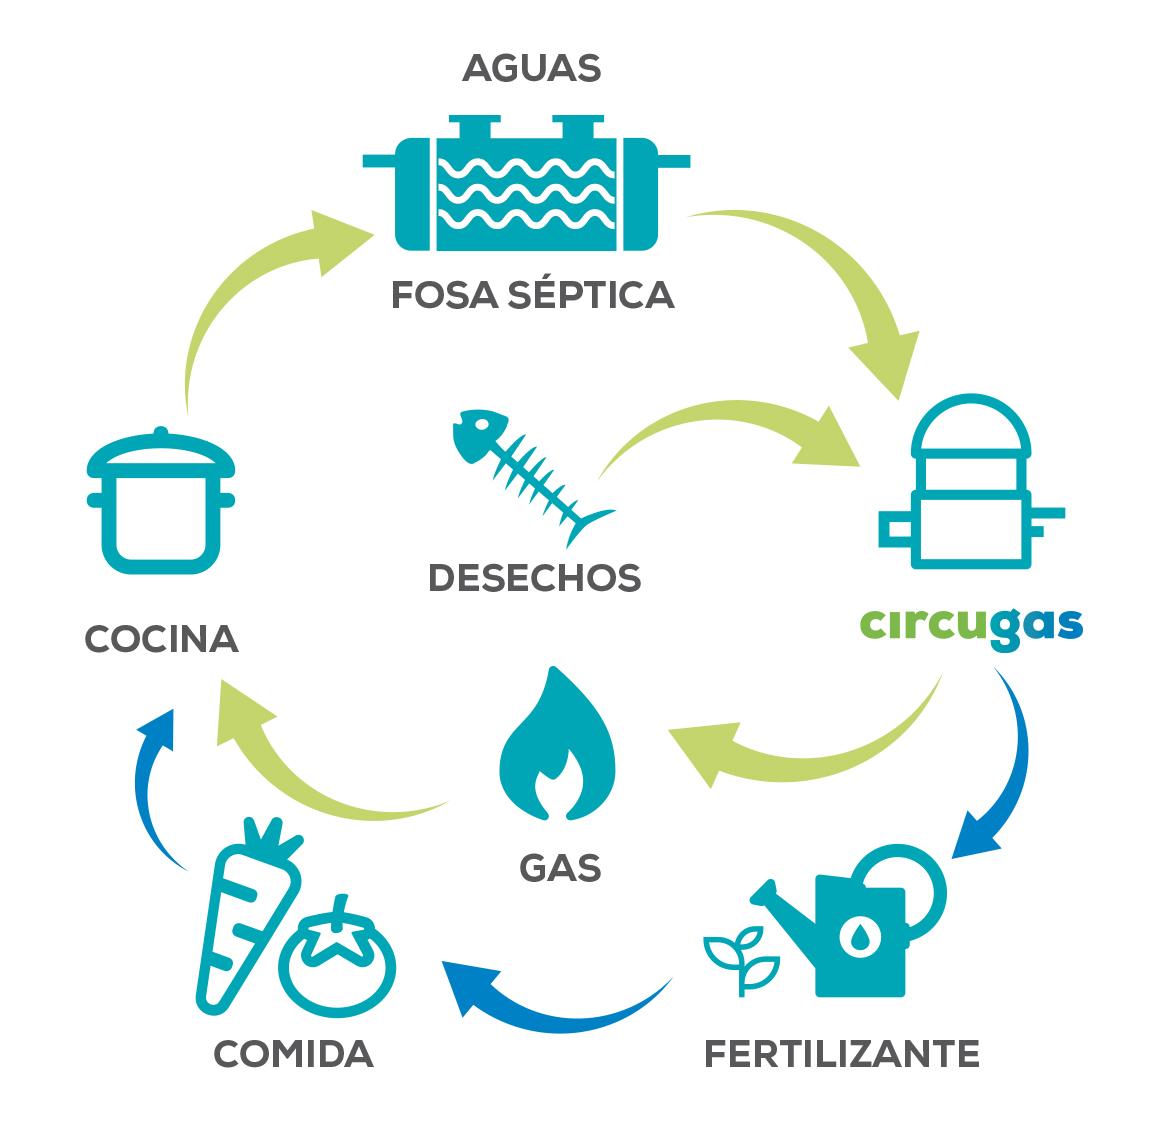 Gráfico circular de generación de fertilizante y gas a partir de residuos orgánicos